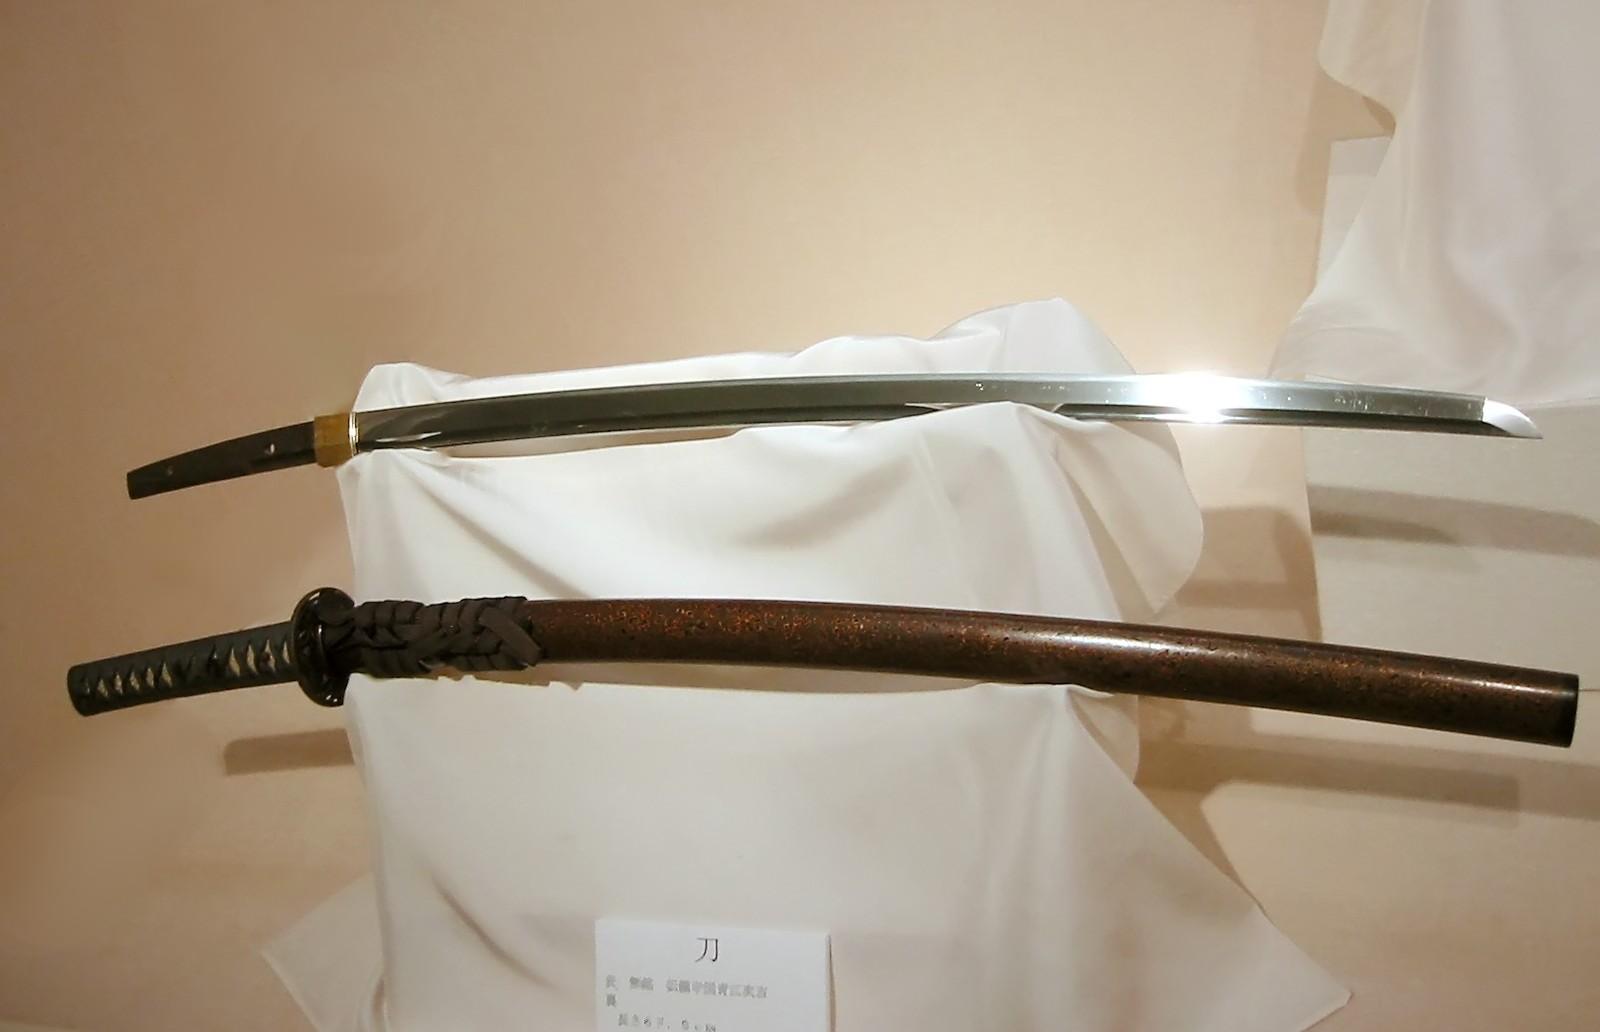 კატანა(სამურაის ხმალი)